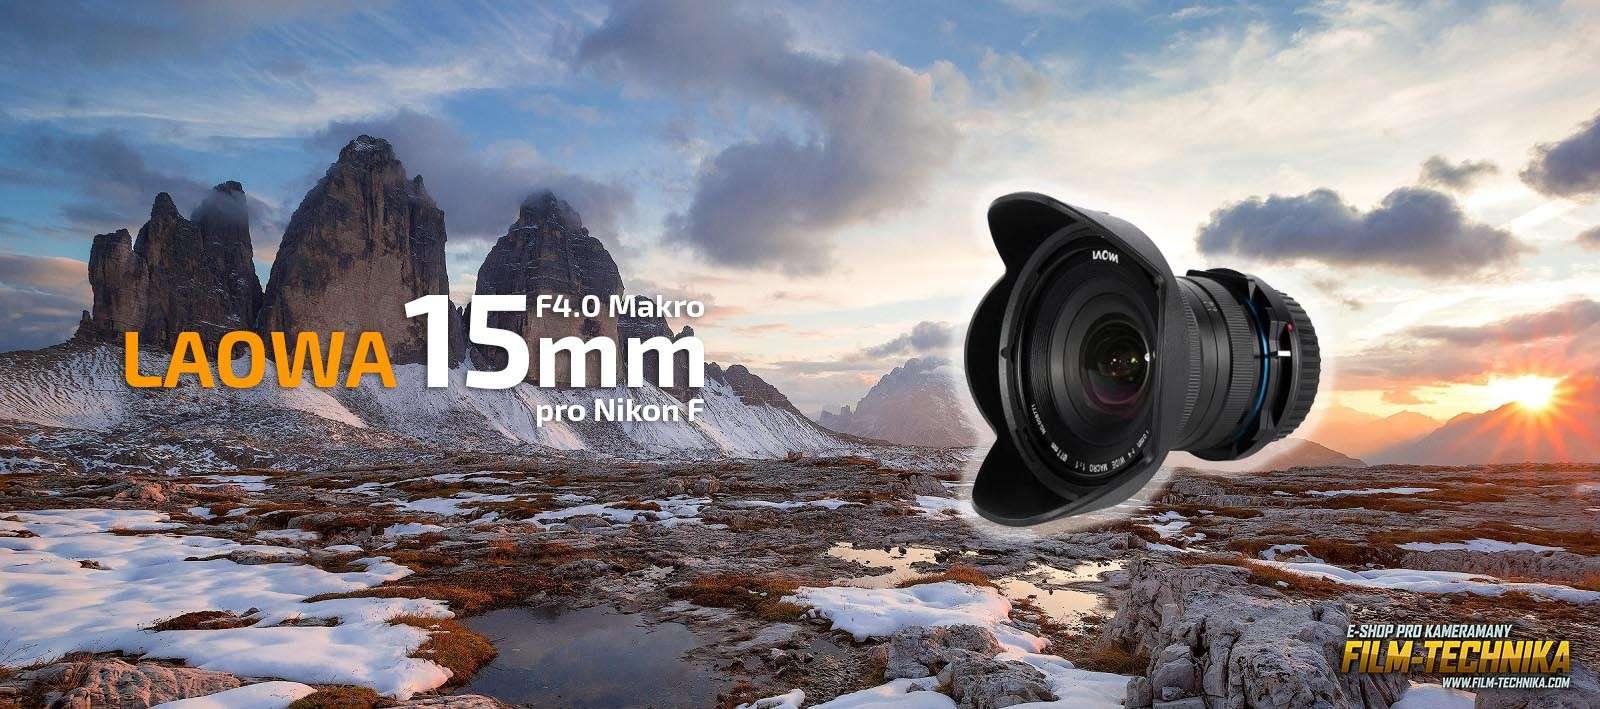 film-technika-laowa-15mm-00b-intext